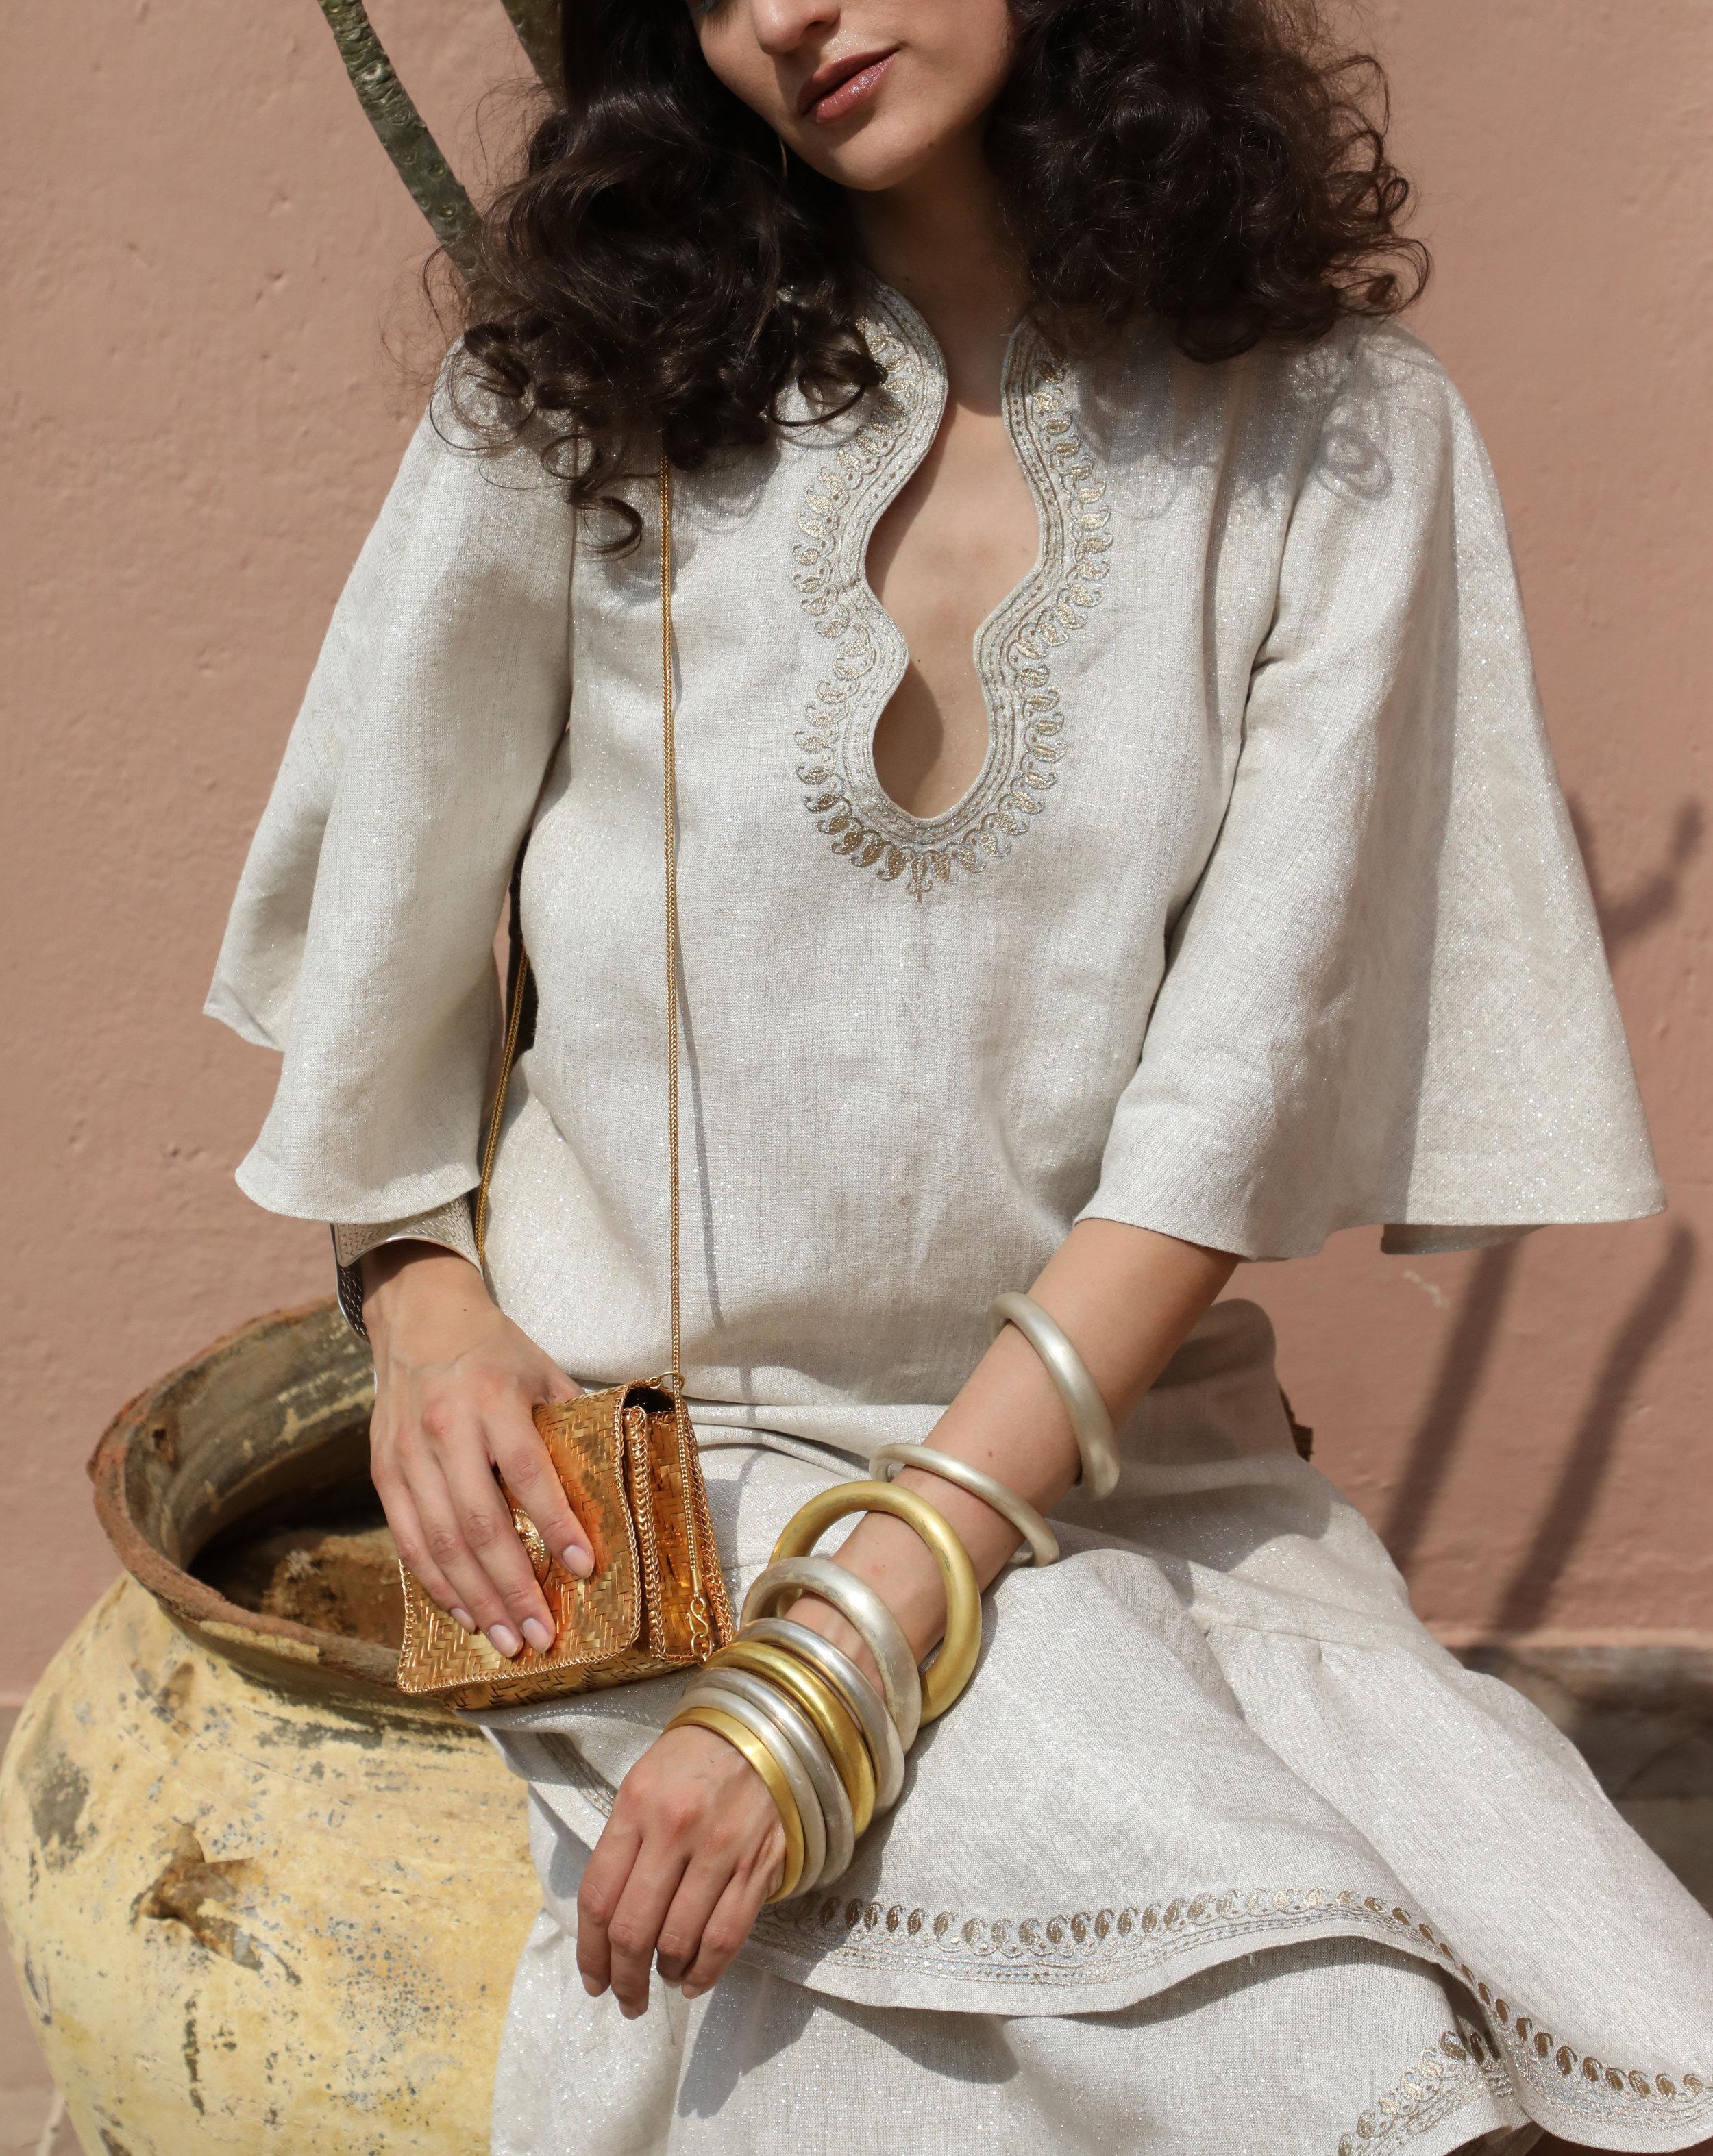 De Castro Moda_Jaipur Shooting by Lodoclick 14-03-18 (151) copy.jpg